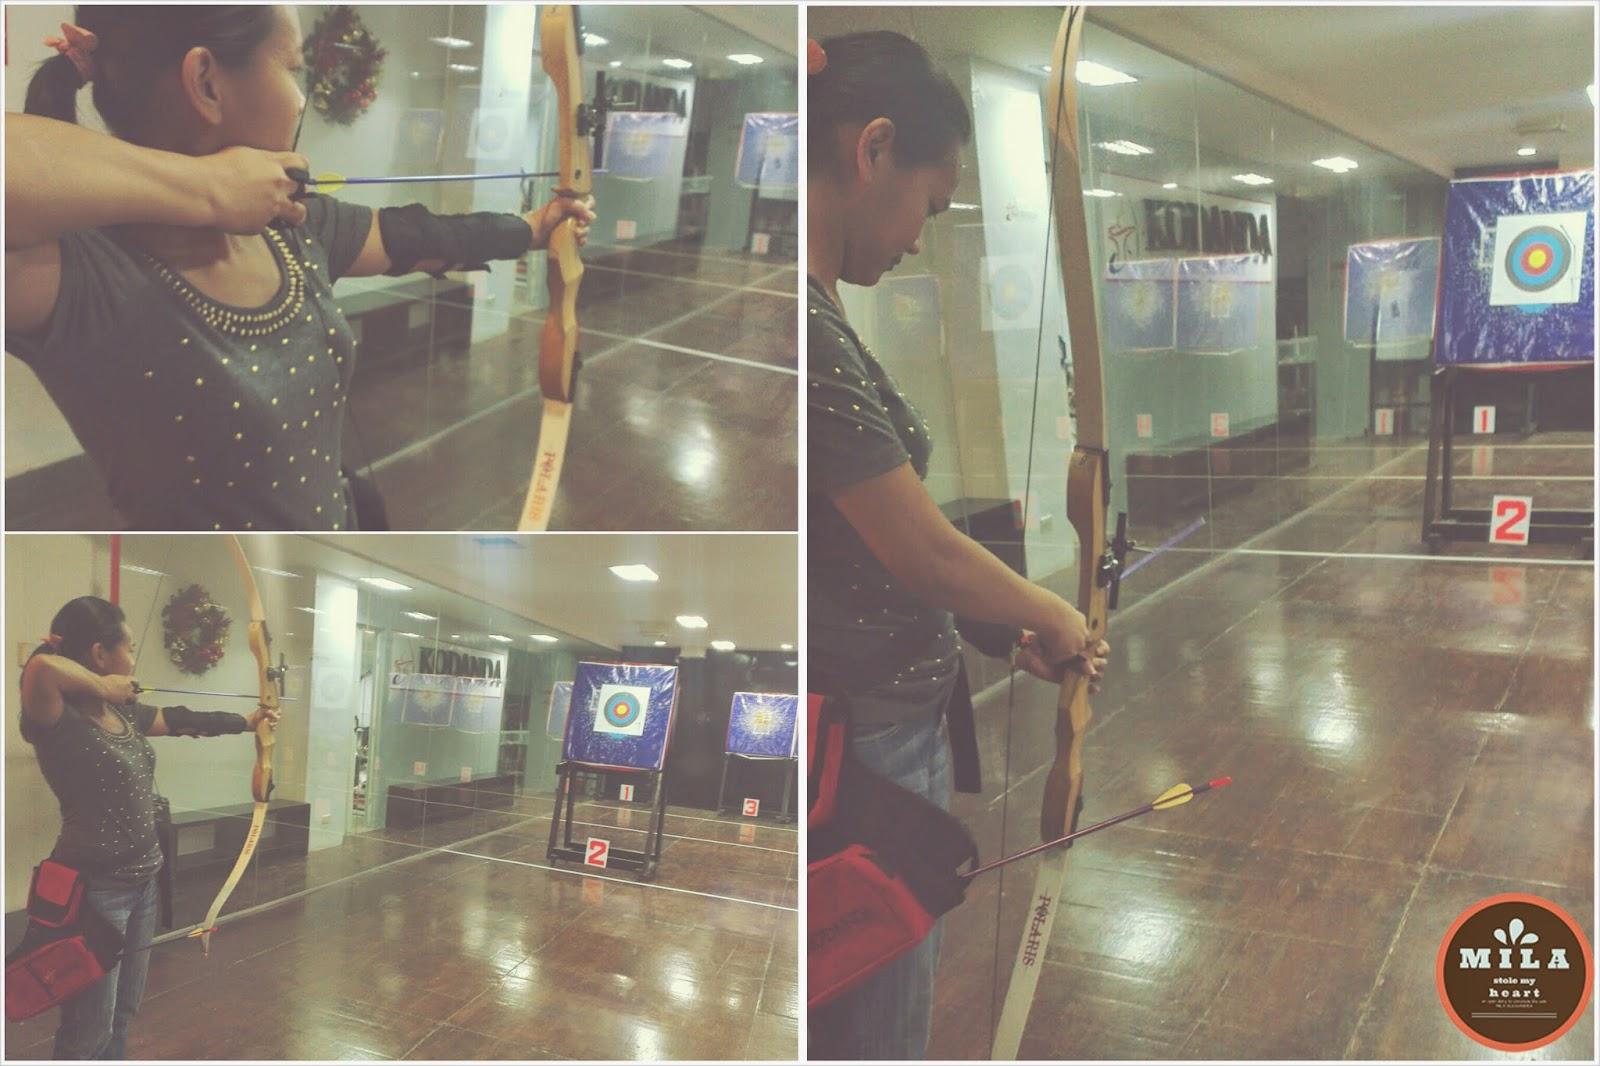 Kodanda Archery Range Practice Shot